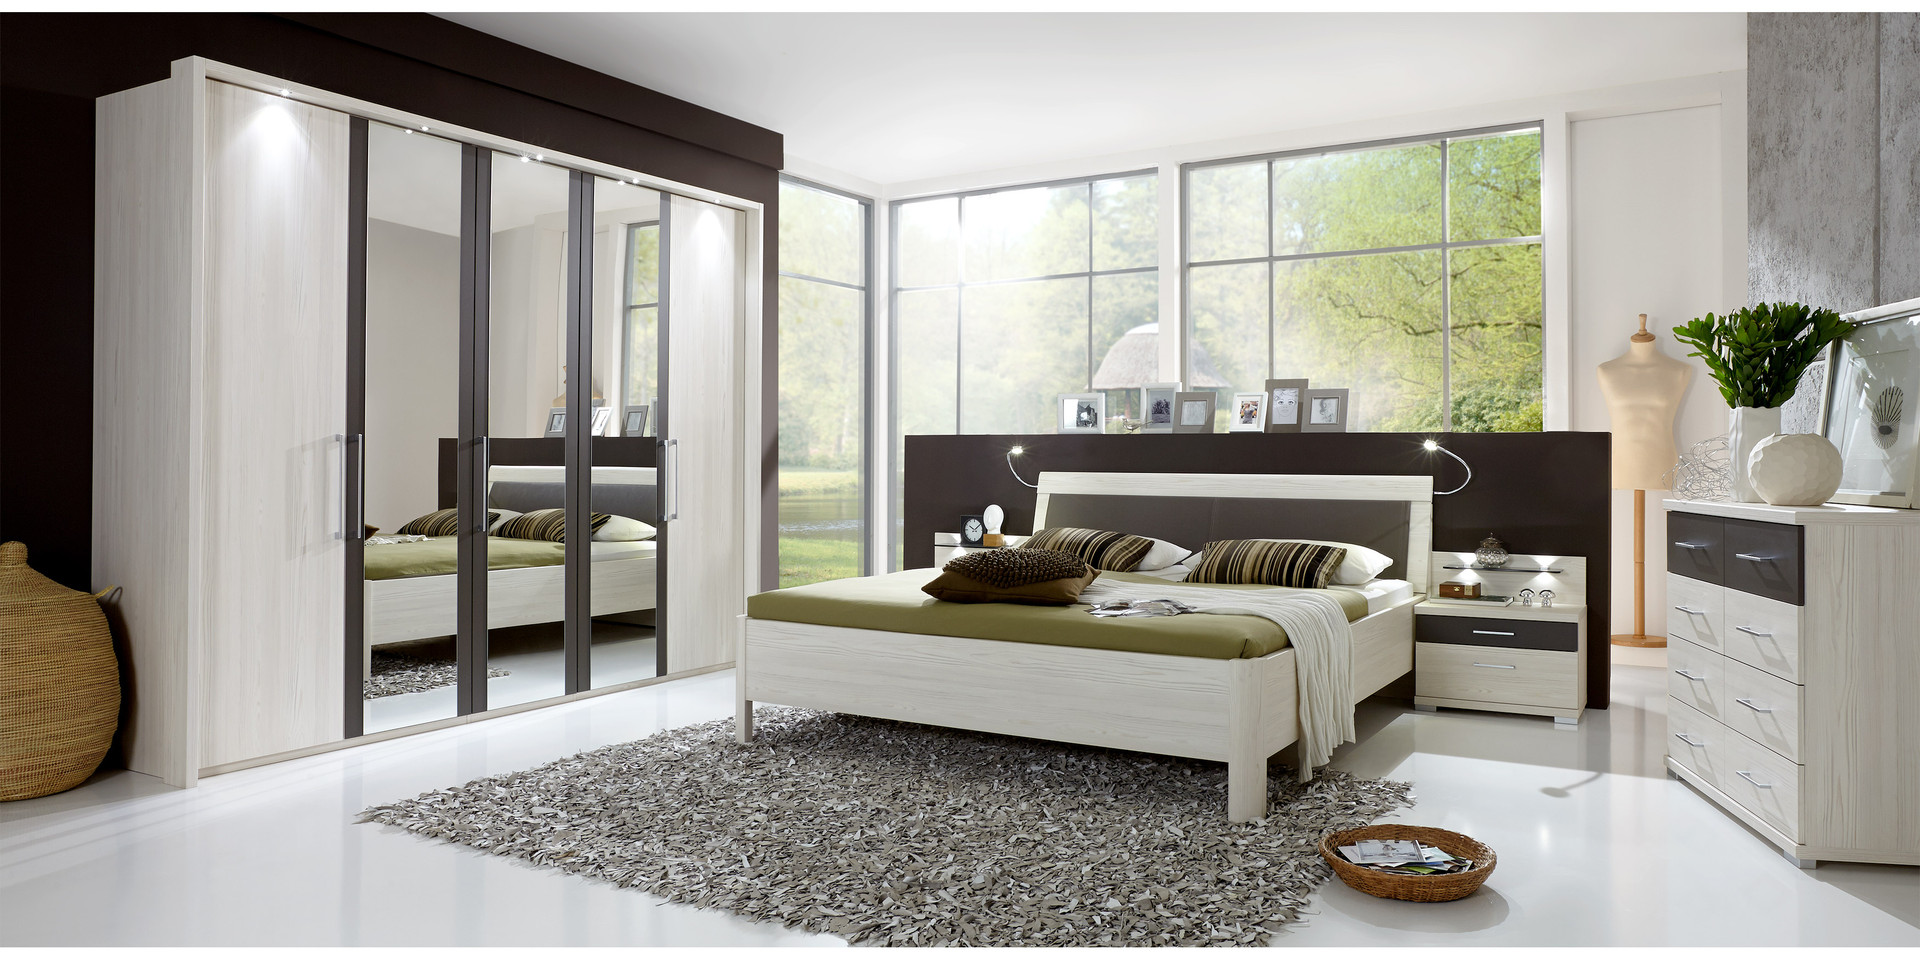 schlafzimmer set angebote kleines schlafzimmer ideen einrichtung laura biagiotti bettw sche. Black Bedroom Furniture Sets. Home Design Ideas